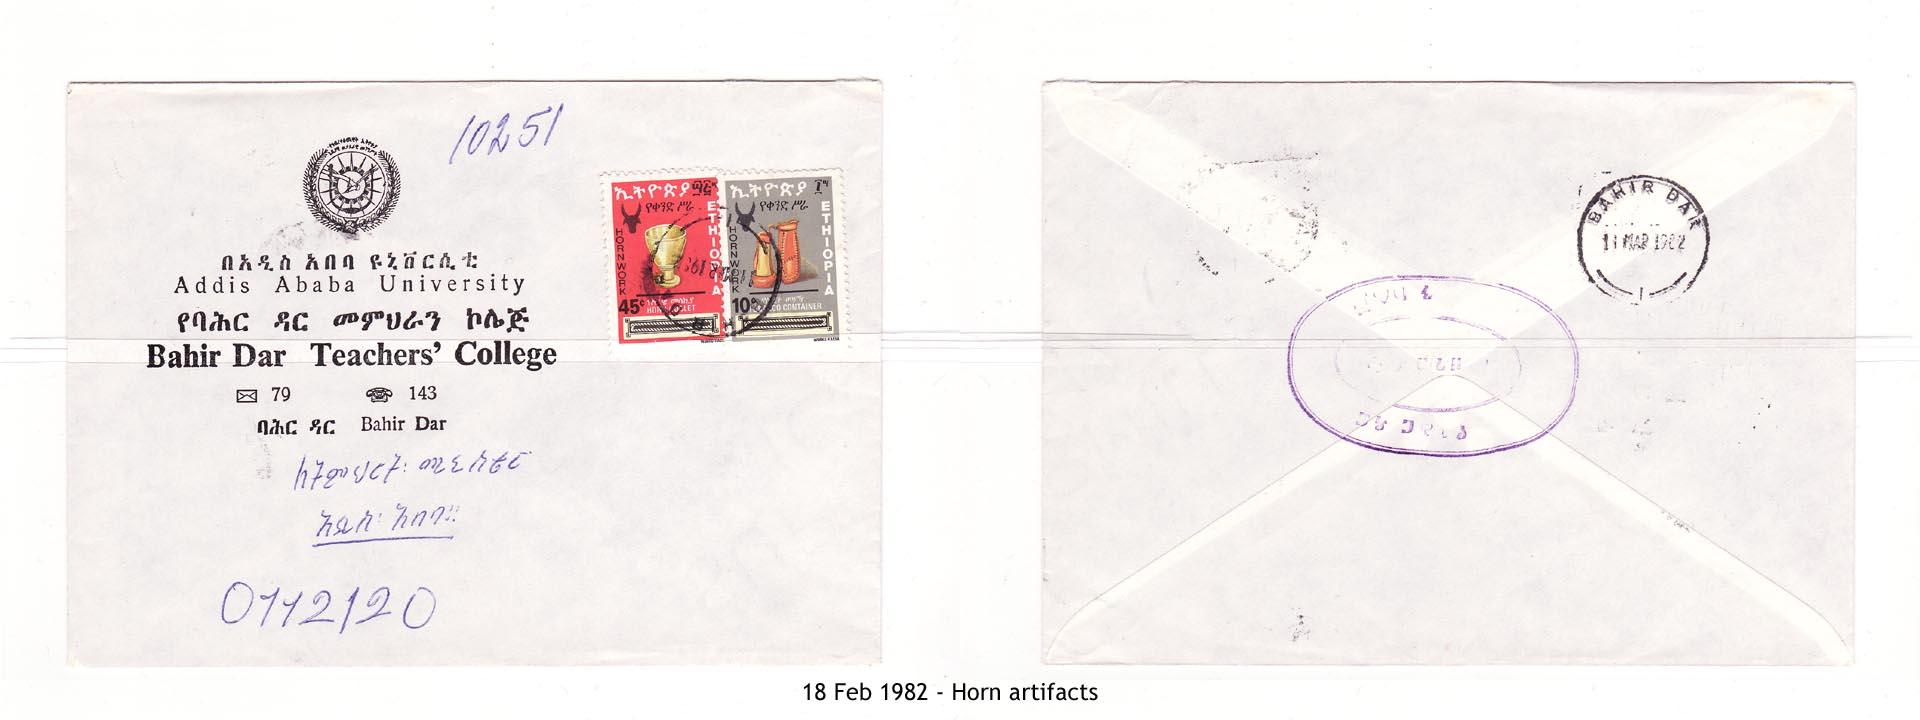 19820218 - Horn artifacts